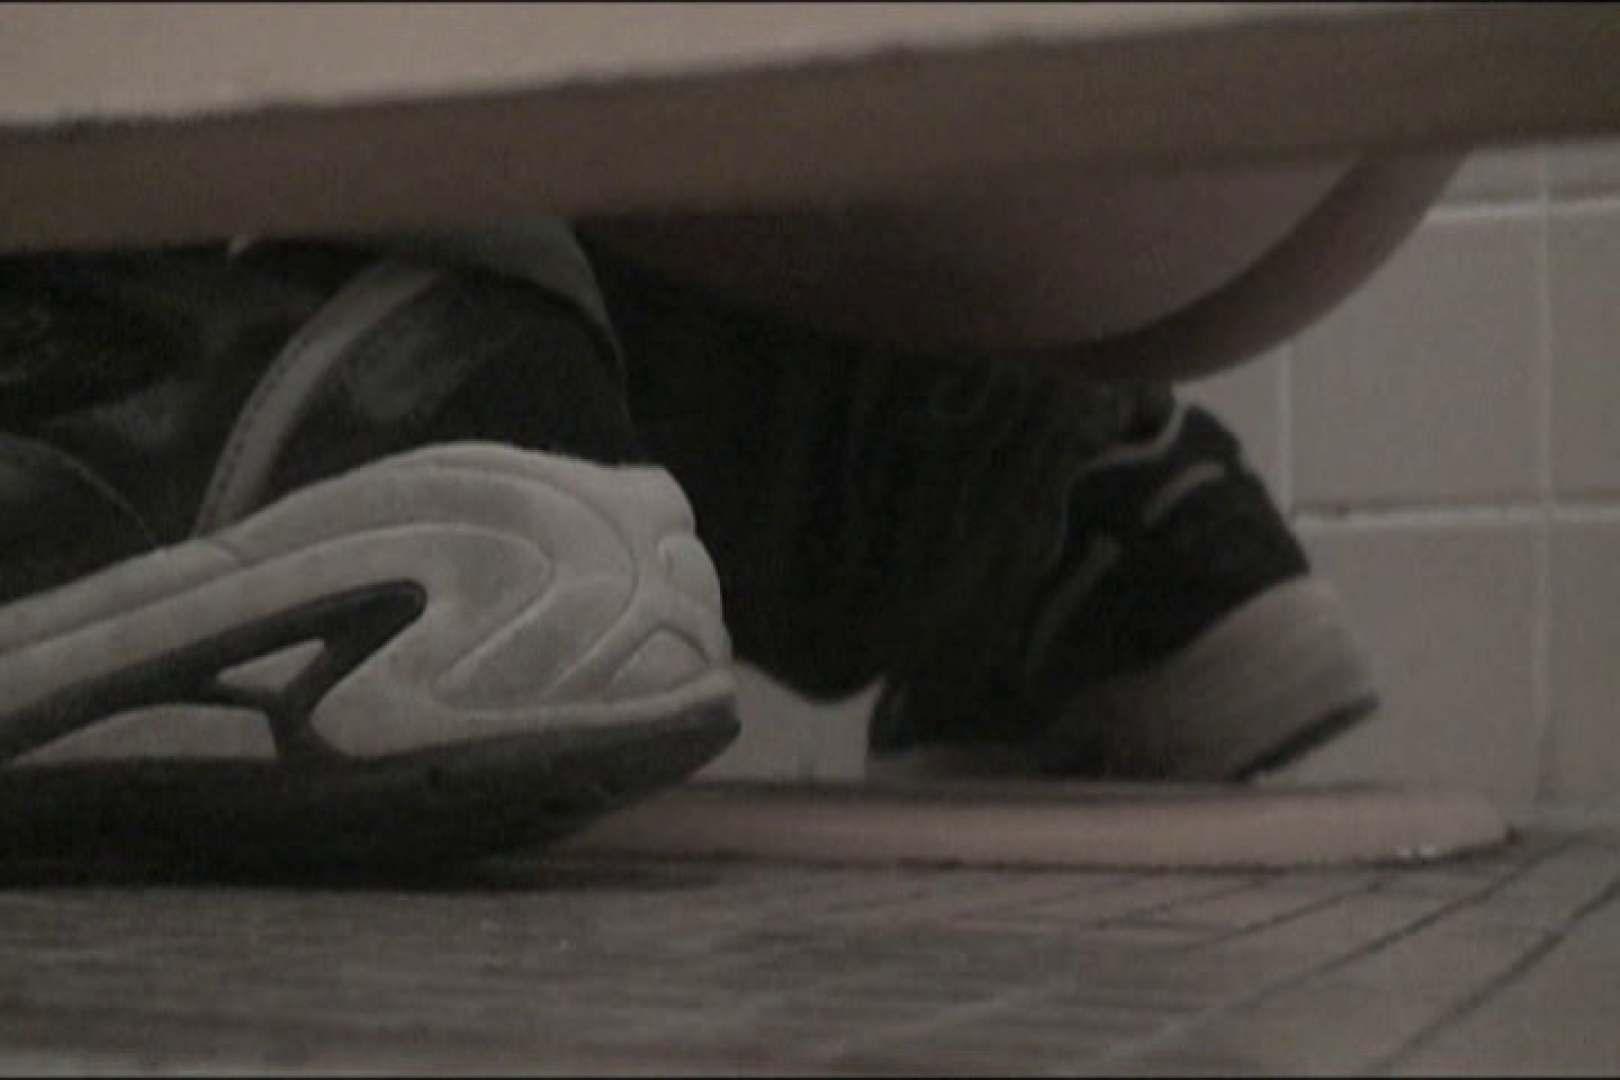 マンコ丸見え女子洗面所Vol.15 エロティックなOL おまんこ無修正動画無料 101画像 14